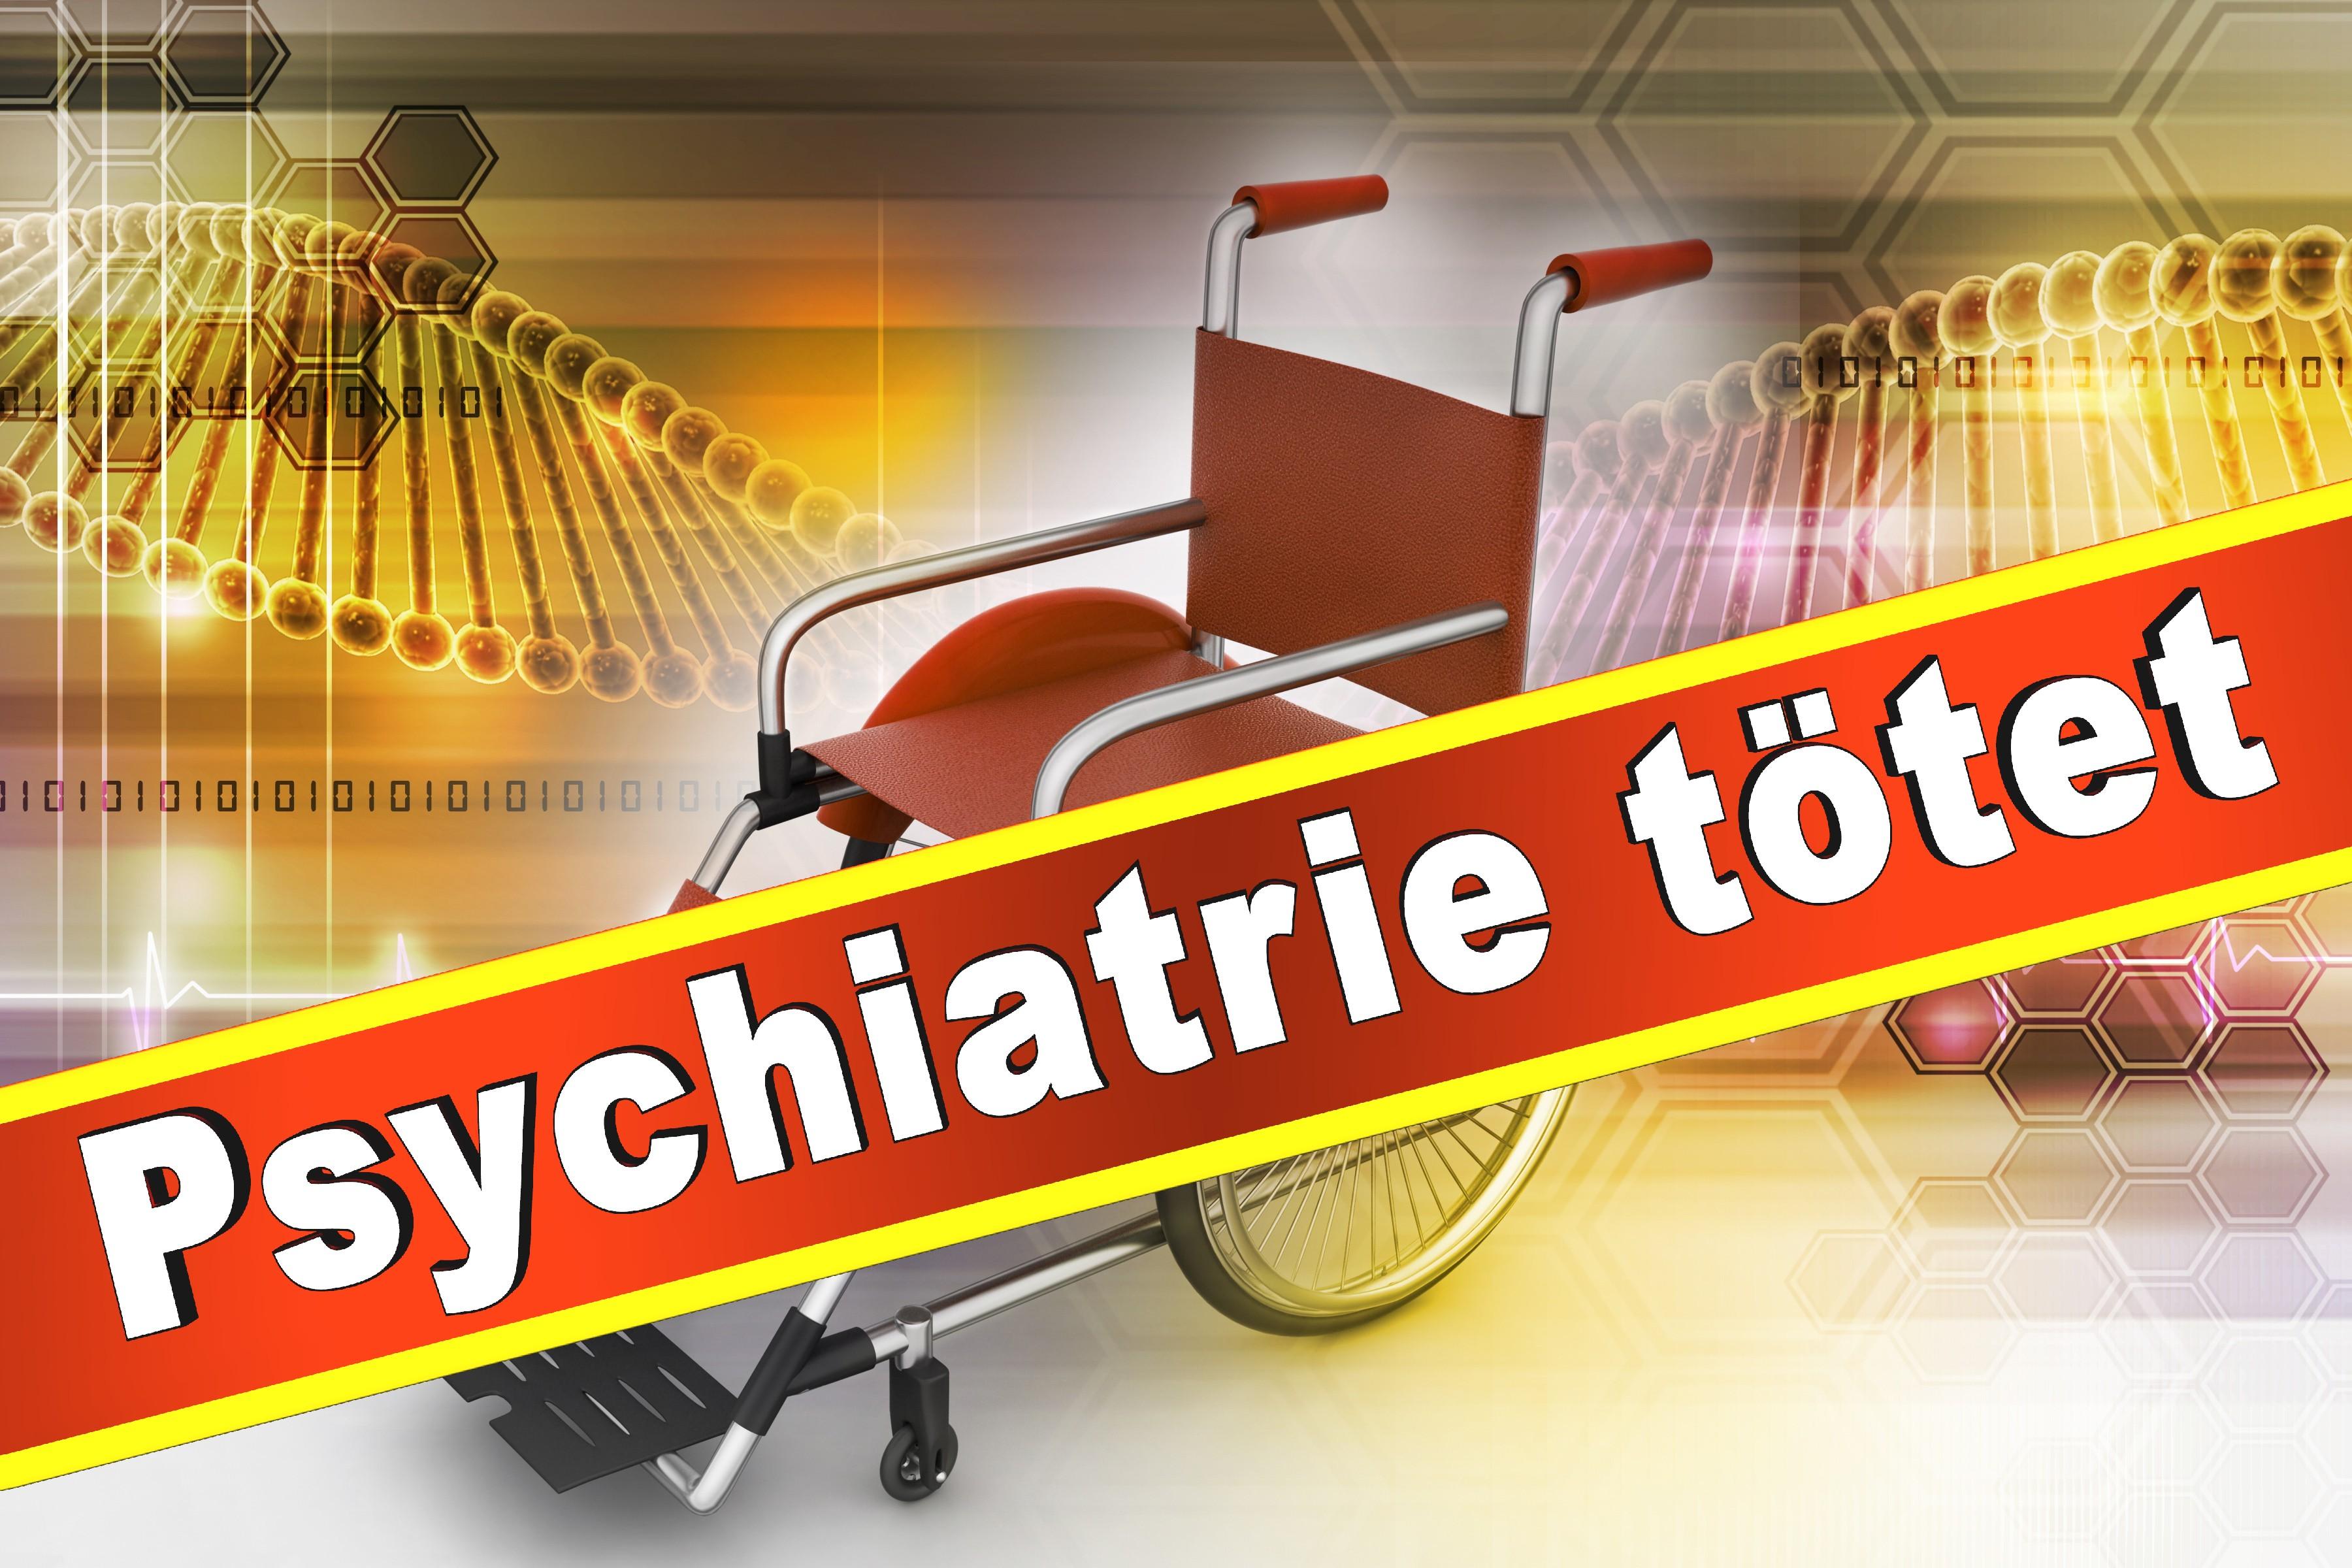 Carl Ernst Von Schönfeld Tagesklinik Medikamente Psychiatrie Tod Bethel Psychiater Korruption Gift Zwangspsychiatrie Unterbringung Friedhof Adolf Hitler Euthanasie (7)